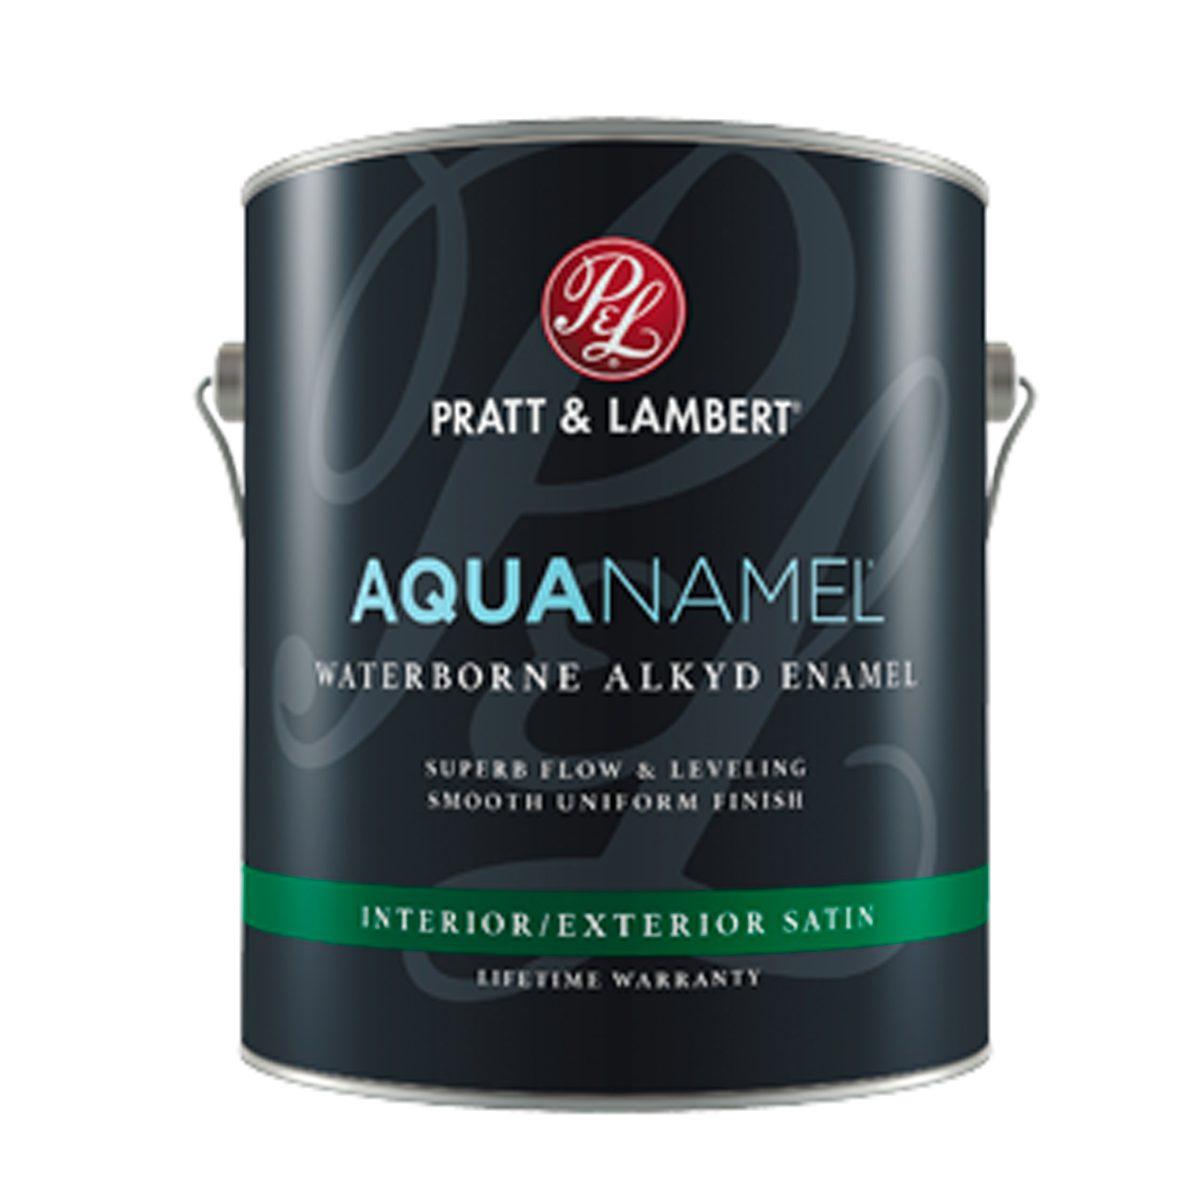 aquanamel